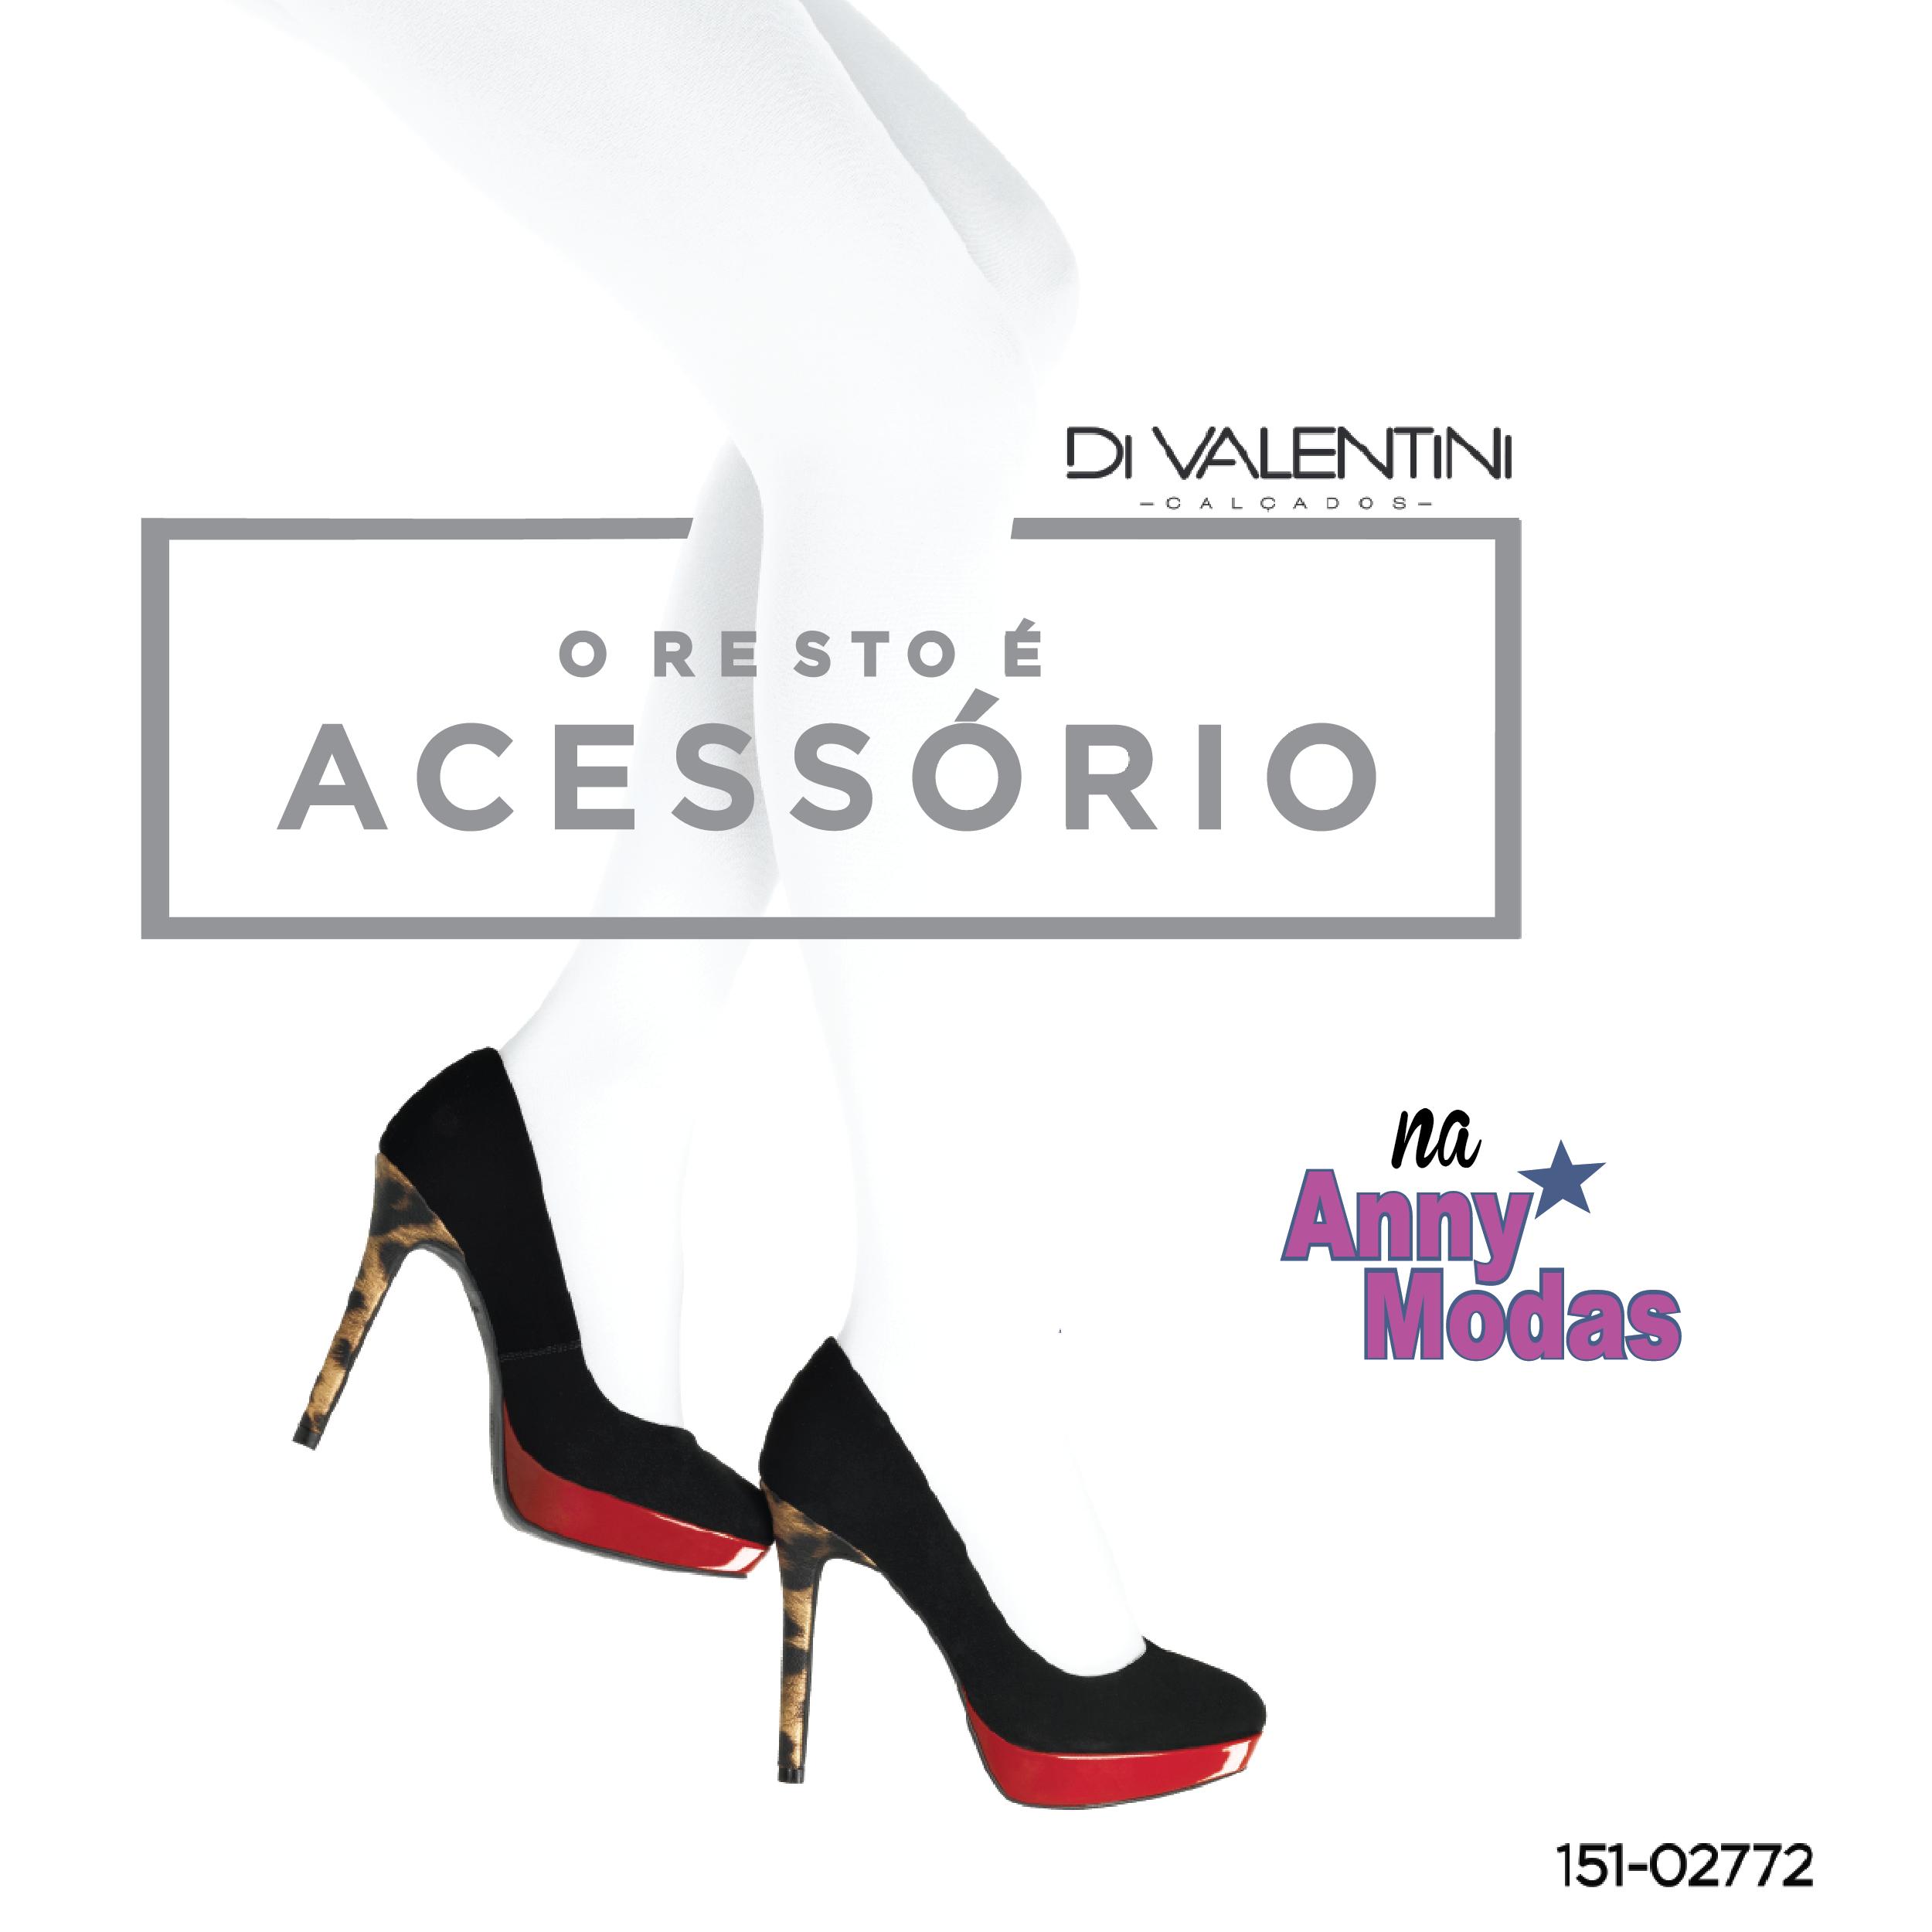 Esse modelo você encontra na loja Anny Modas ➡ Rua Santa Rosa,Nº 49 Bairro: Centro Parambu - CE. Fone: (88) 3448-1680